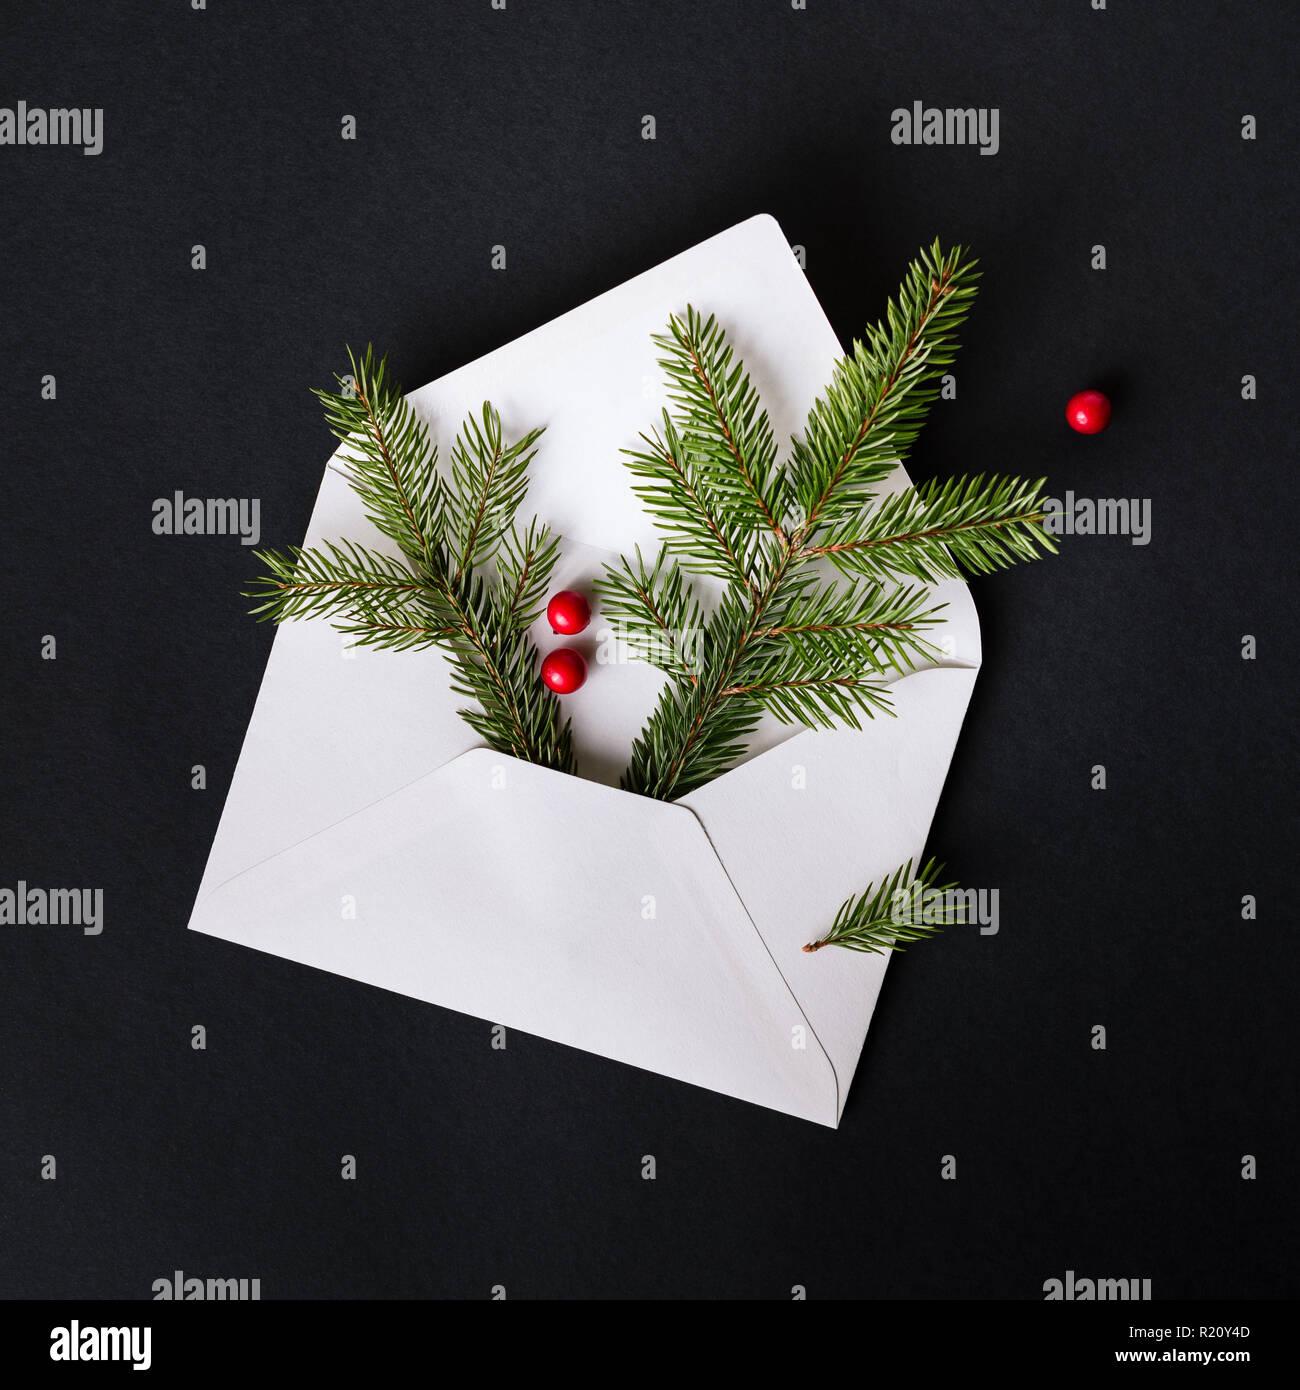 Gluckwunsche fur weihnachten und jahreswechsel